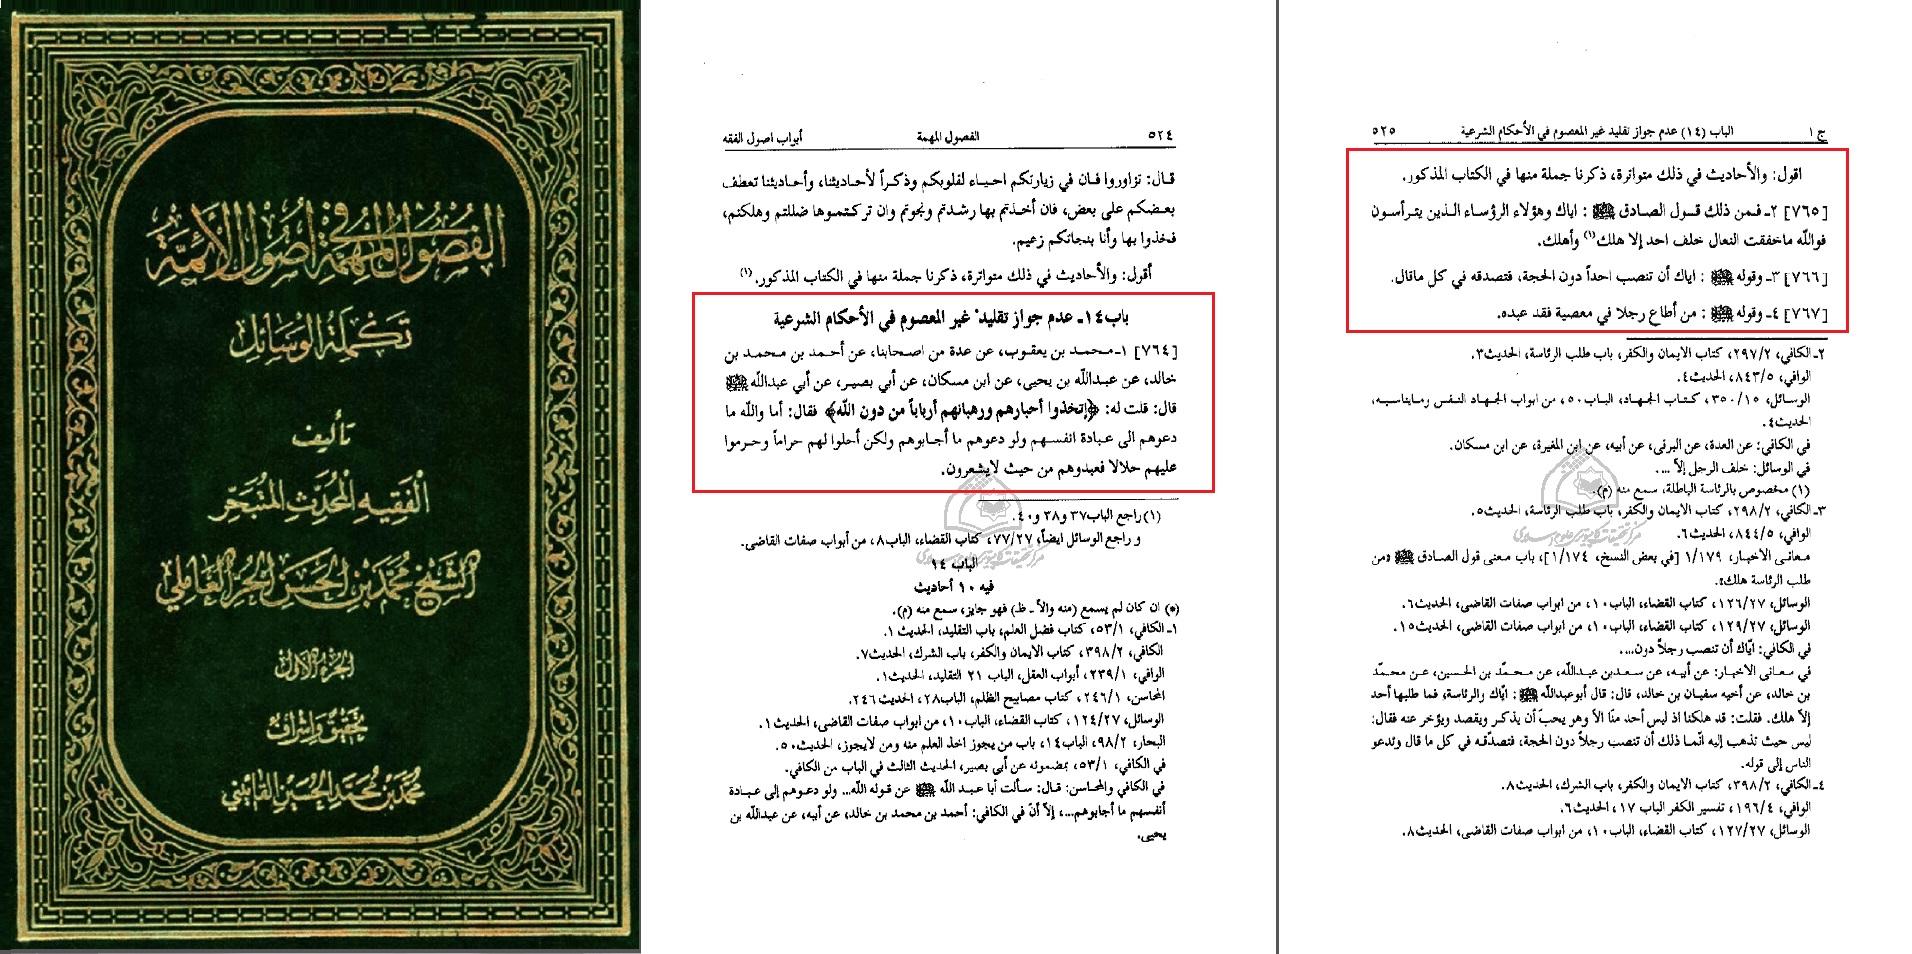 Fosul-e Mohemmeh B 1 S 524 - 525